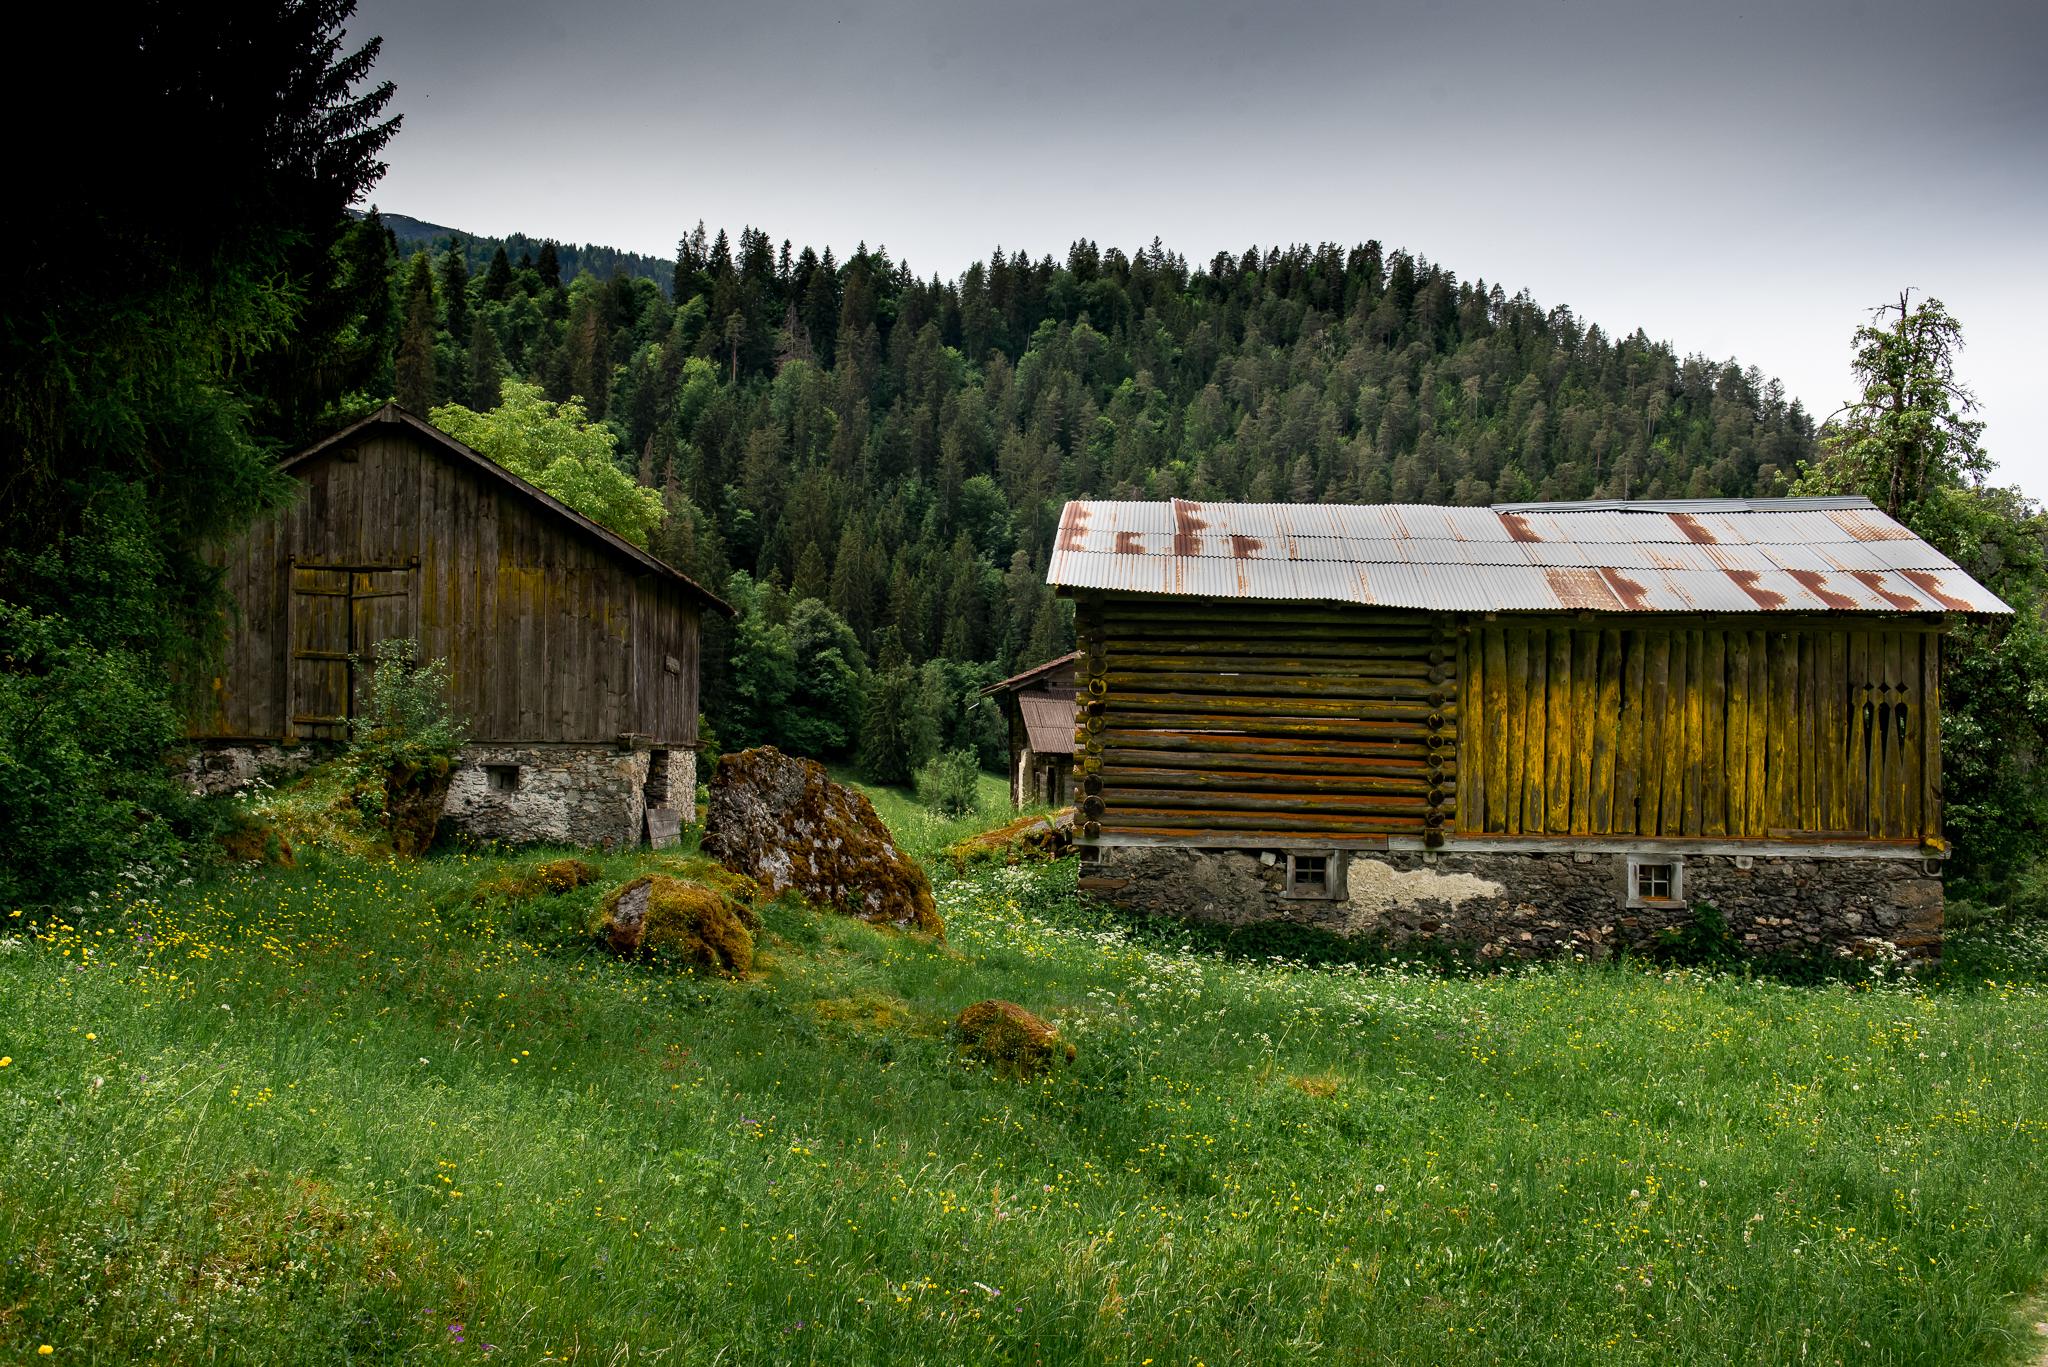 Hütten in der Rheinschlucht